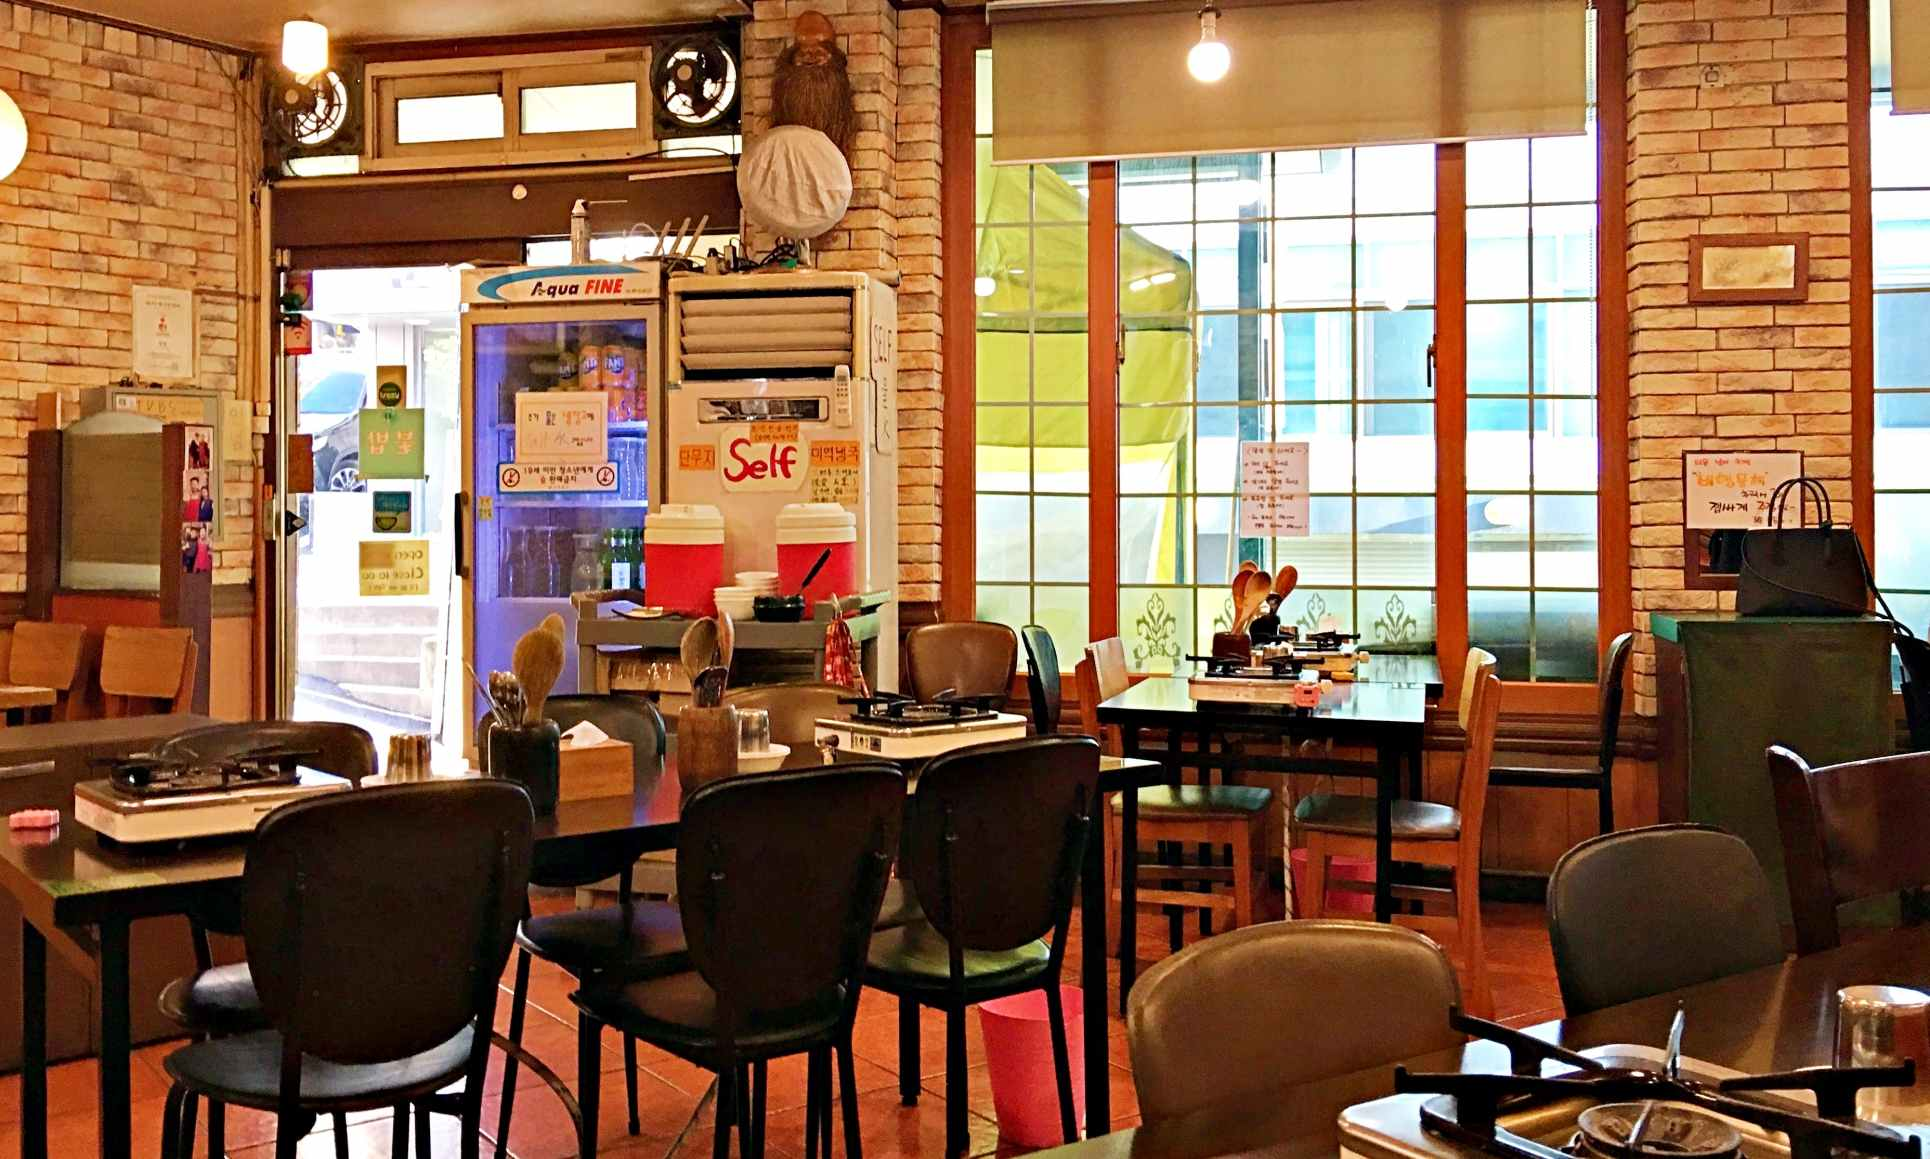 店內還算寬敞,畢竟要供應學生吃飯時間的人潮,座位也算是很多。